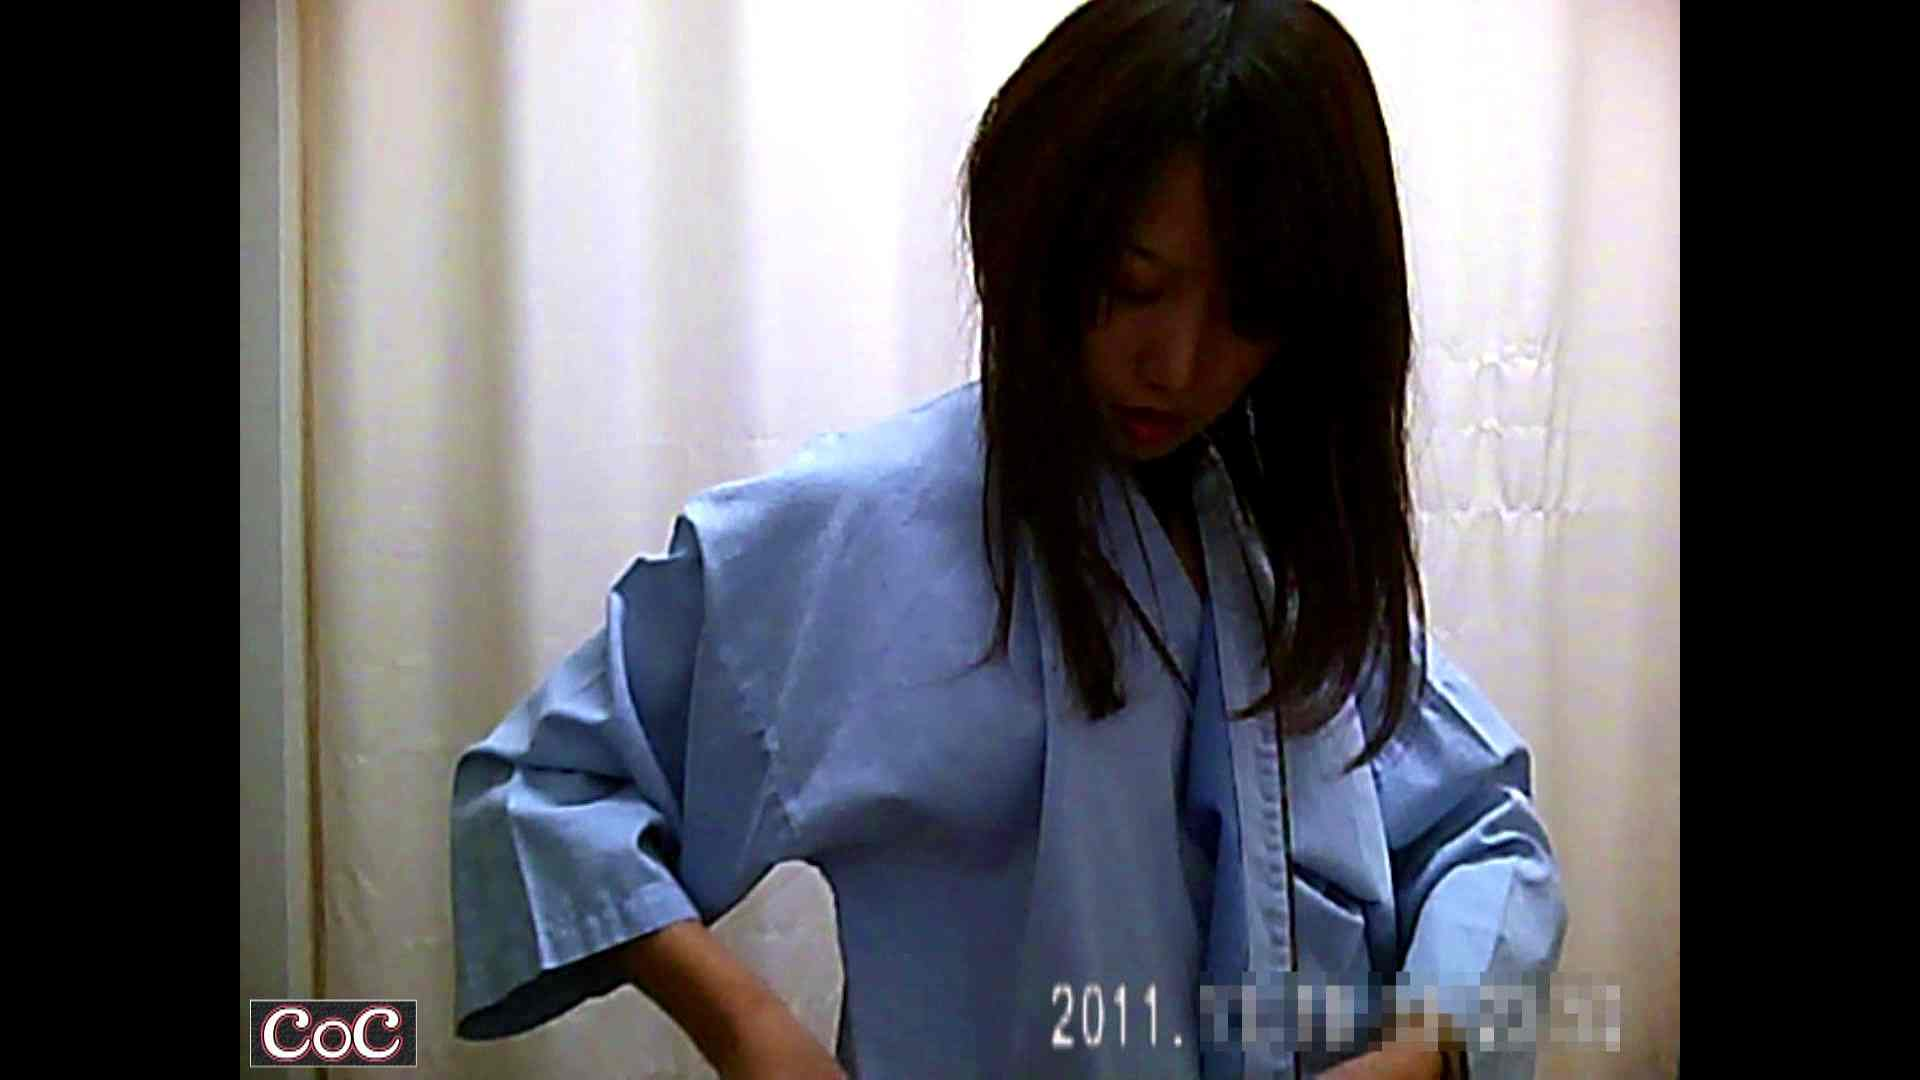 元医者による反抗 更衣室地獄絵巻 vol.199 OLハメ撮り  95Pix 12